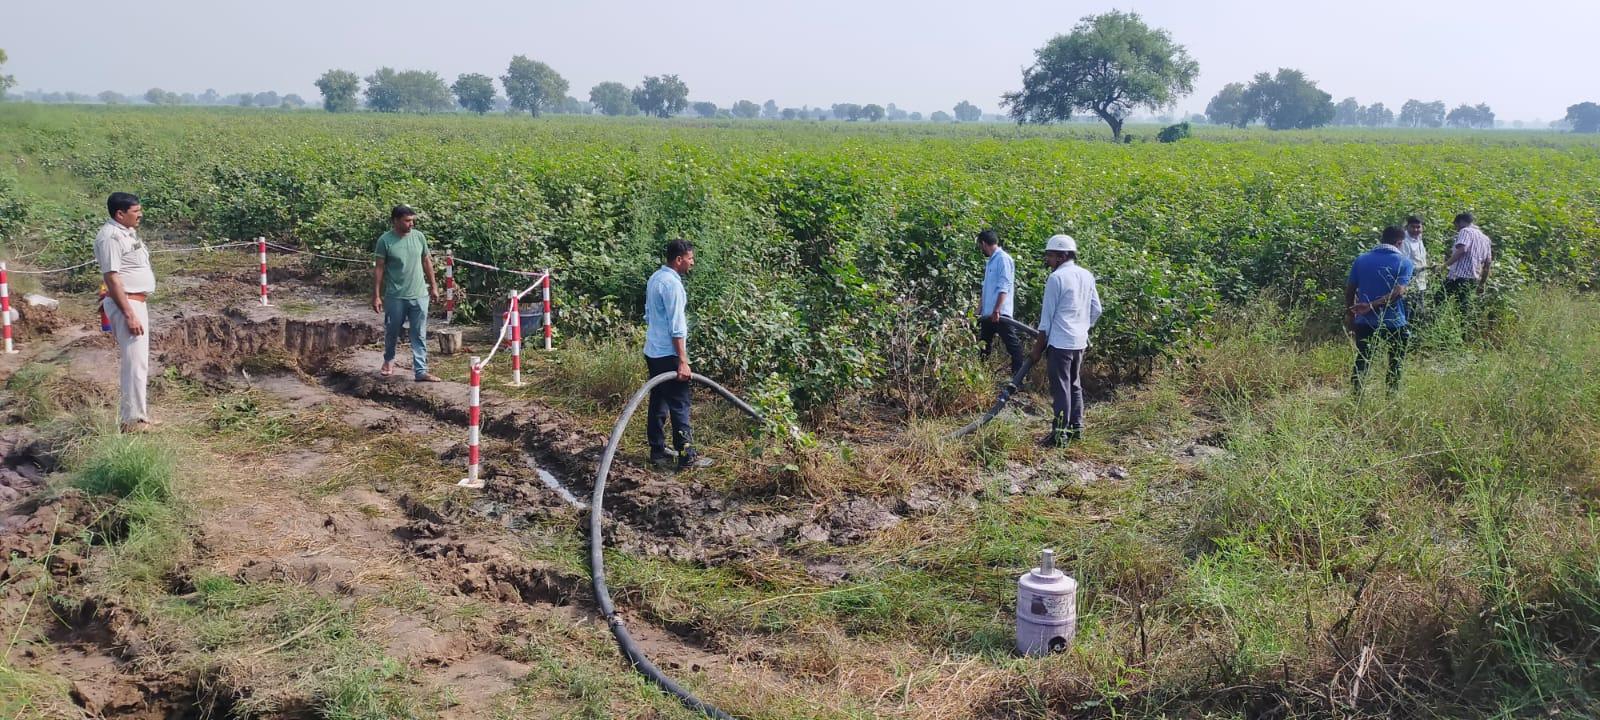 नारनौंद में चोरों ने 10 फीट का गड्ढा खोद पाइप पर लगाए 2 वॉल्व, लीकेज रह जाने से खेतों में बहा कई हजार लीटर तेल बठिंडा,Bathinda - Dainik Bhaskar